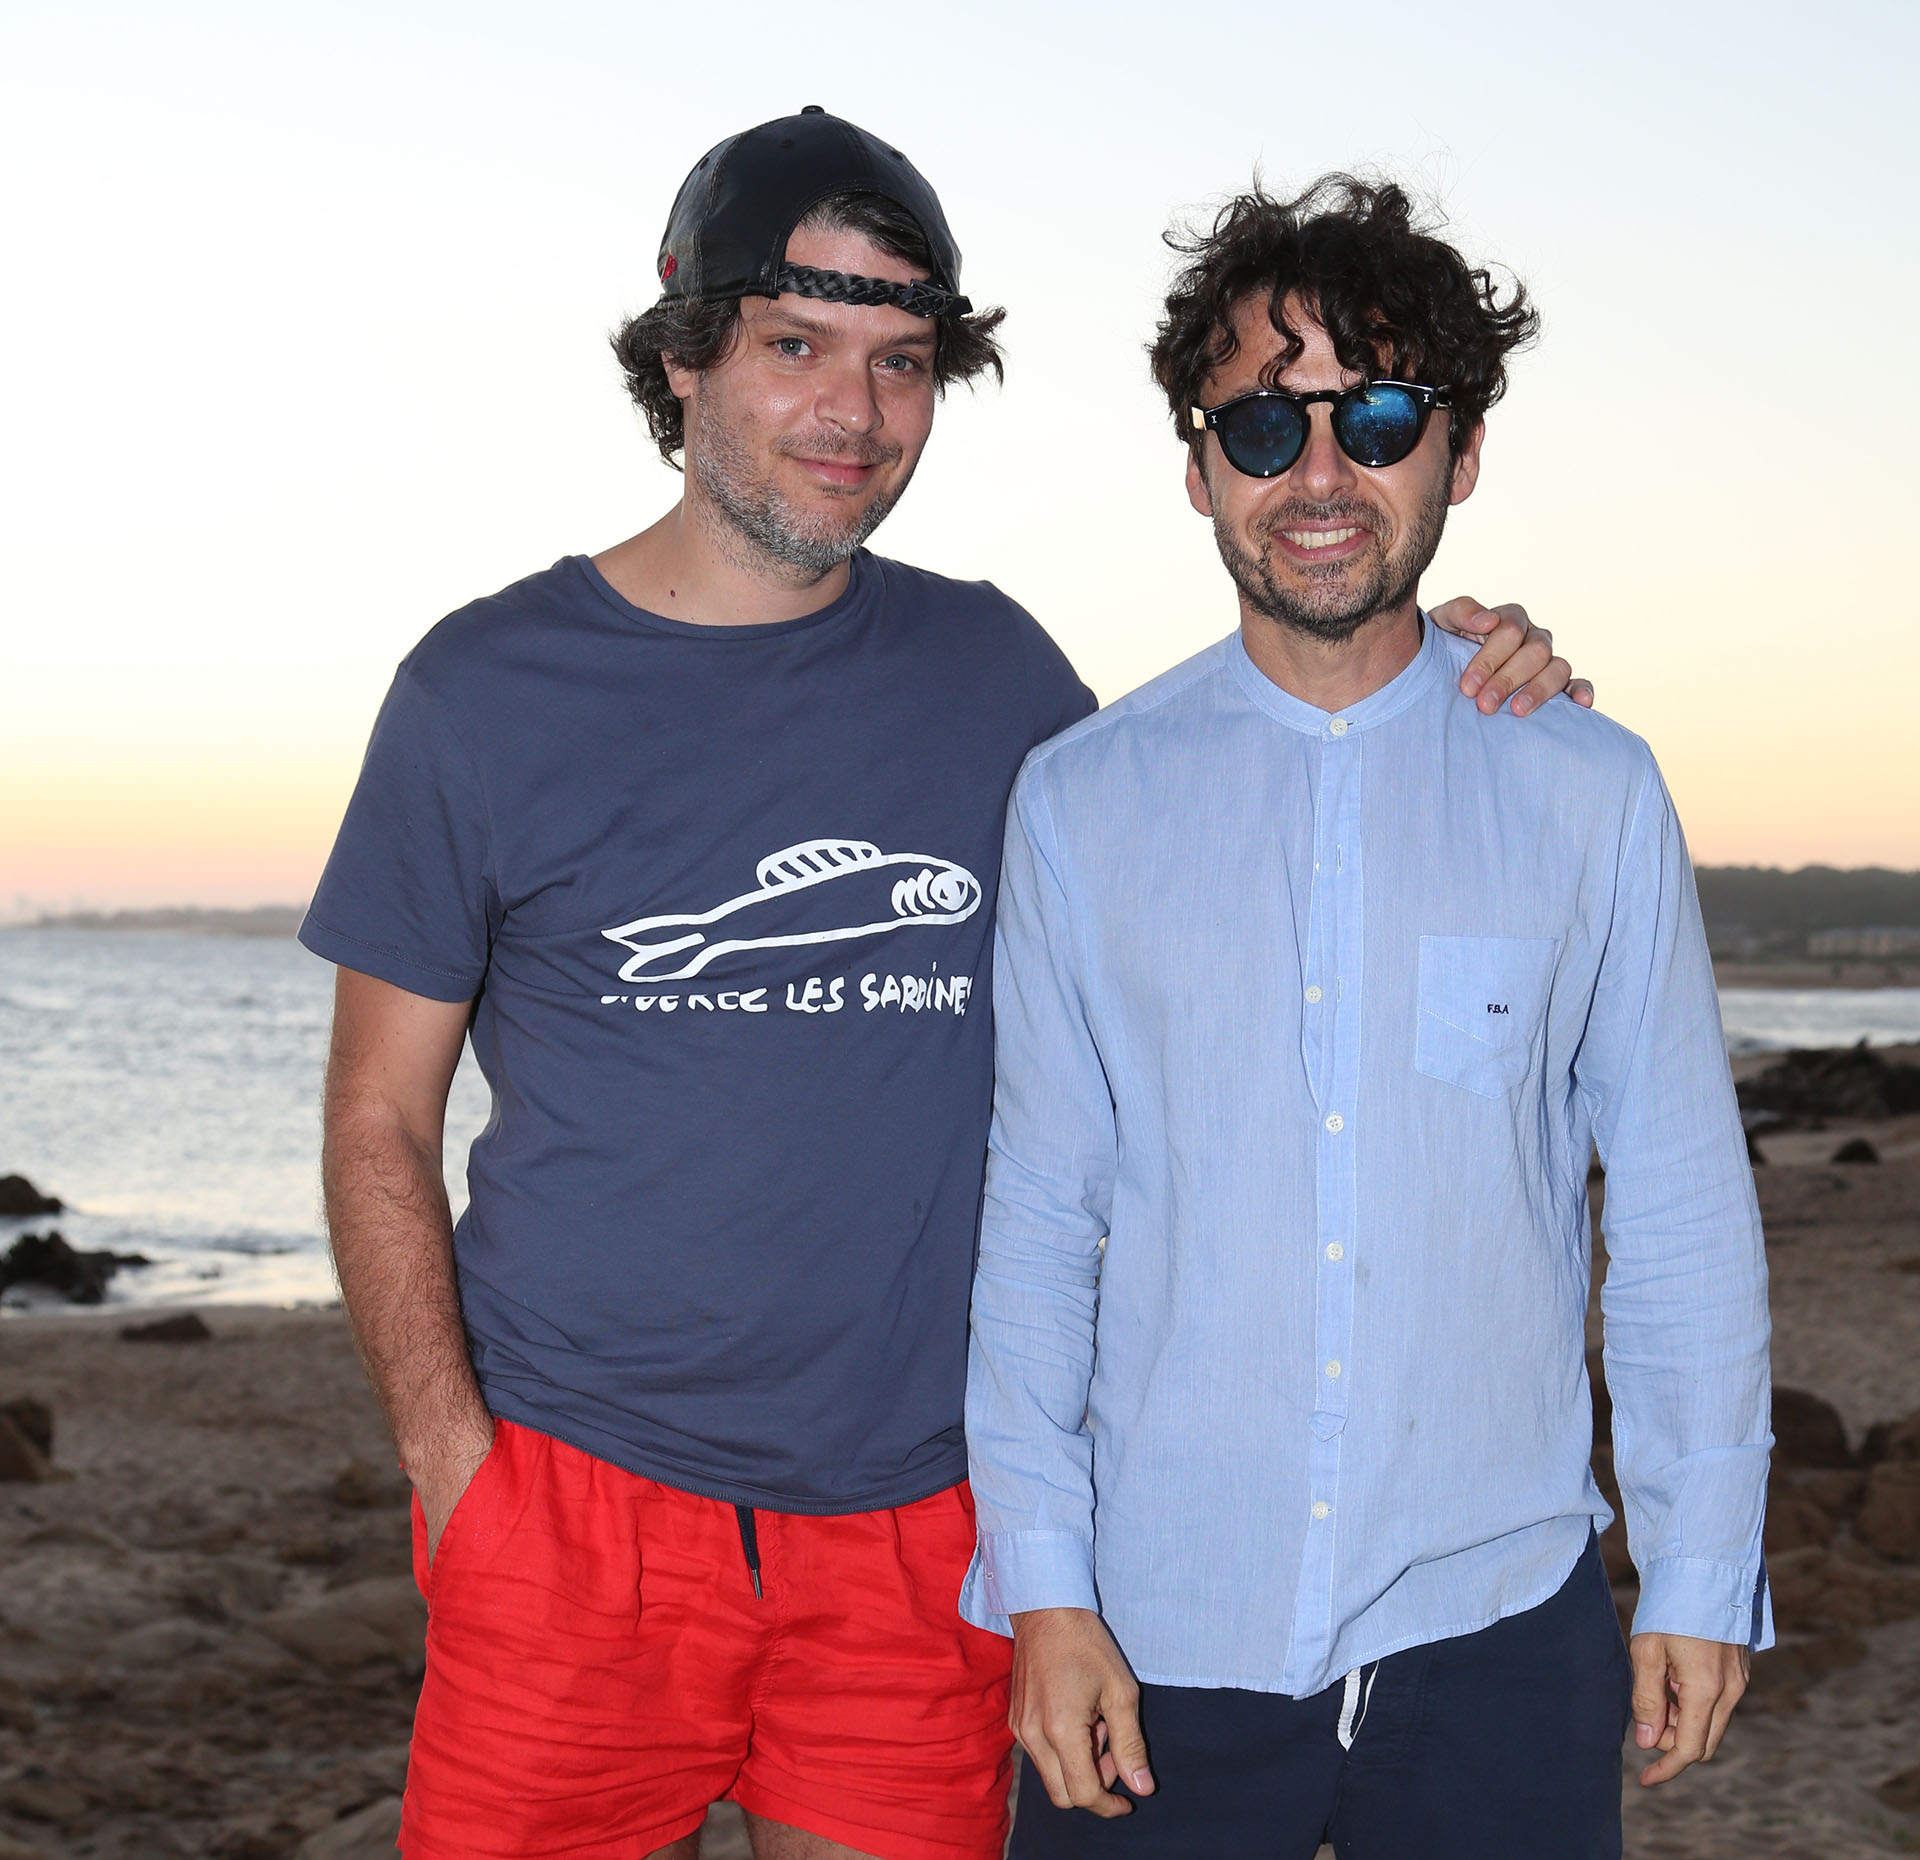 Eduardo Costantini (h) y Wally Diamante. A las 17, comenzaron a llegar los primeros invitados, que coronaron un gran día de playa entre copas de Álamos Moscatel de Alejandra y pinchos de camarones